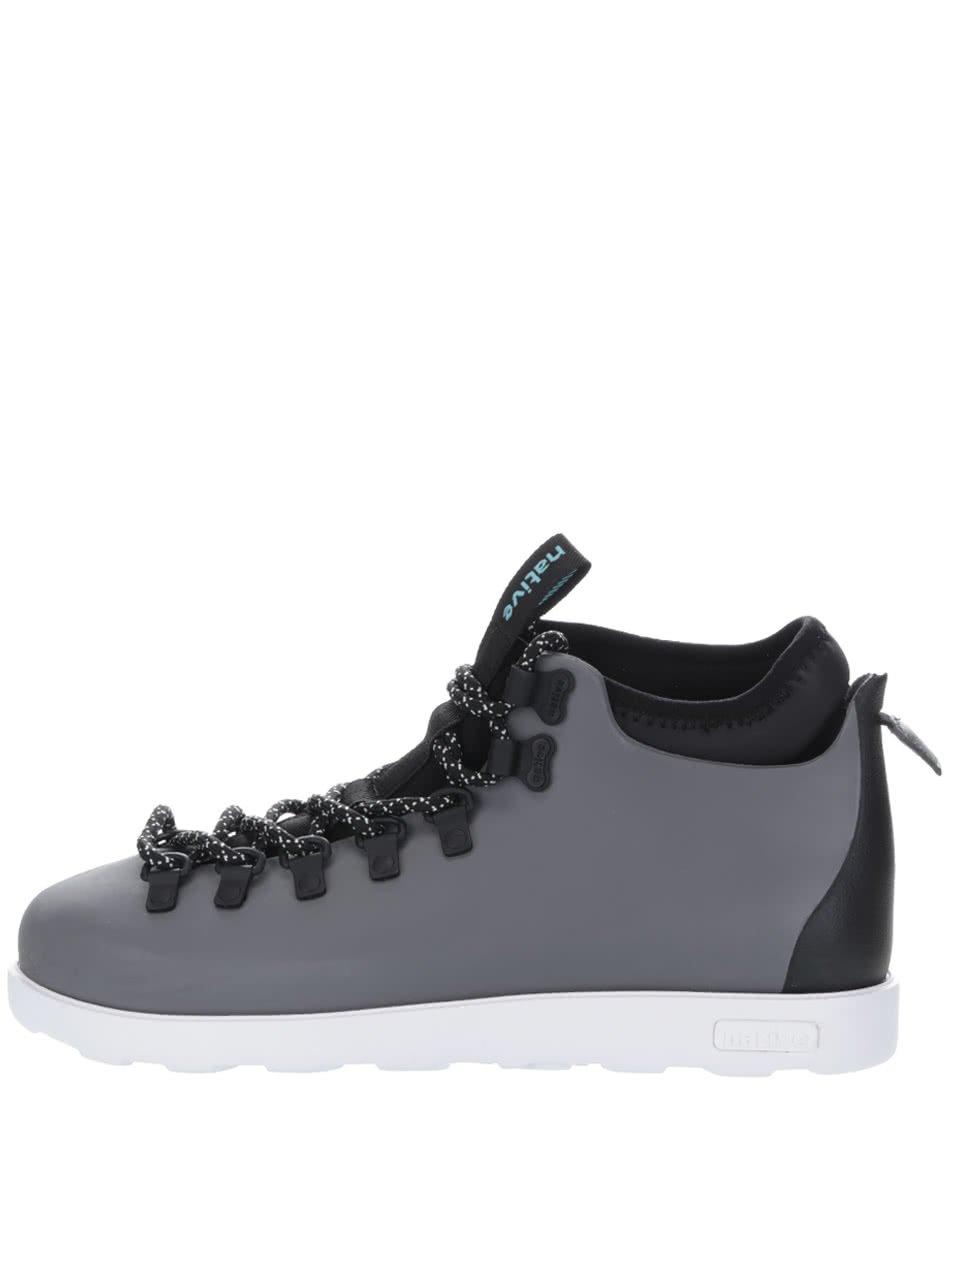 Šedé pánské kotníkové boty s vsadkou Fitzsimmons block Native